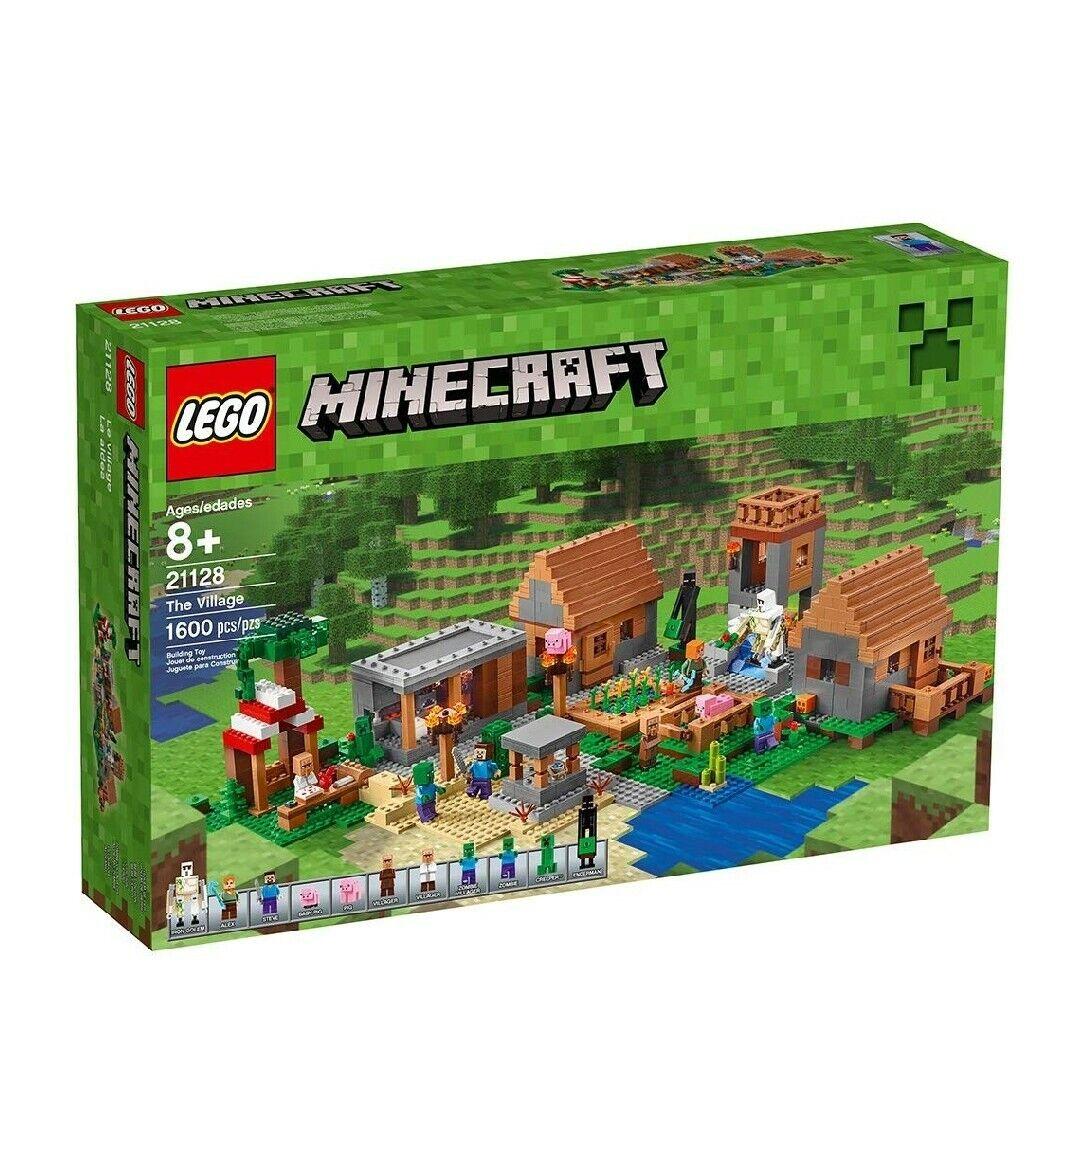 forma unica Lego Minecraft Minecraft Minecraft  The Village  21128 Retirosso  RARE  completare WITH scatola  le migliori marche vendono a buon mercato